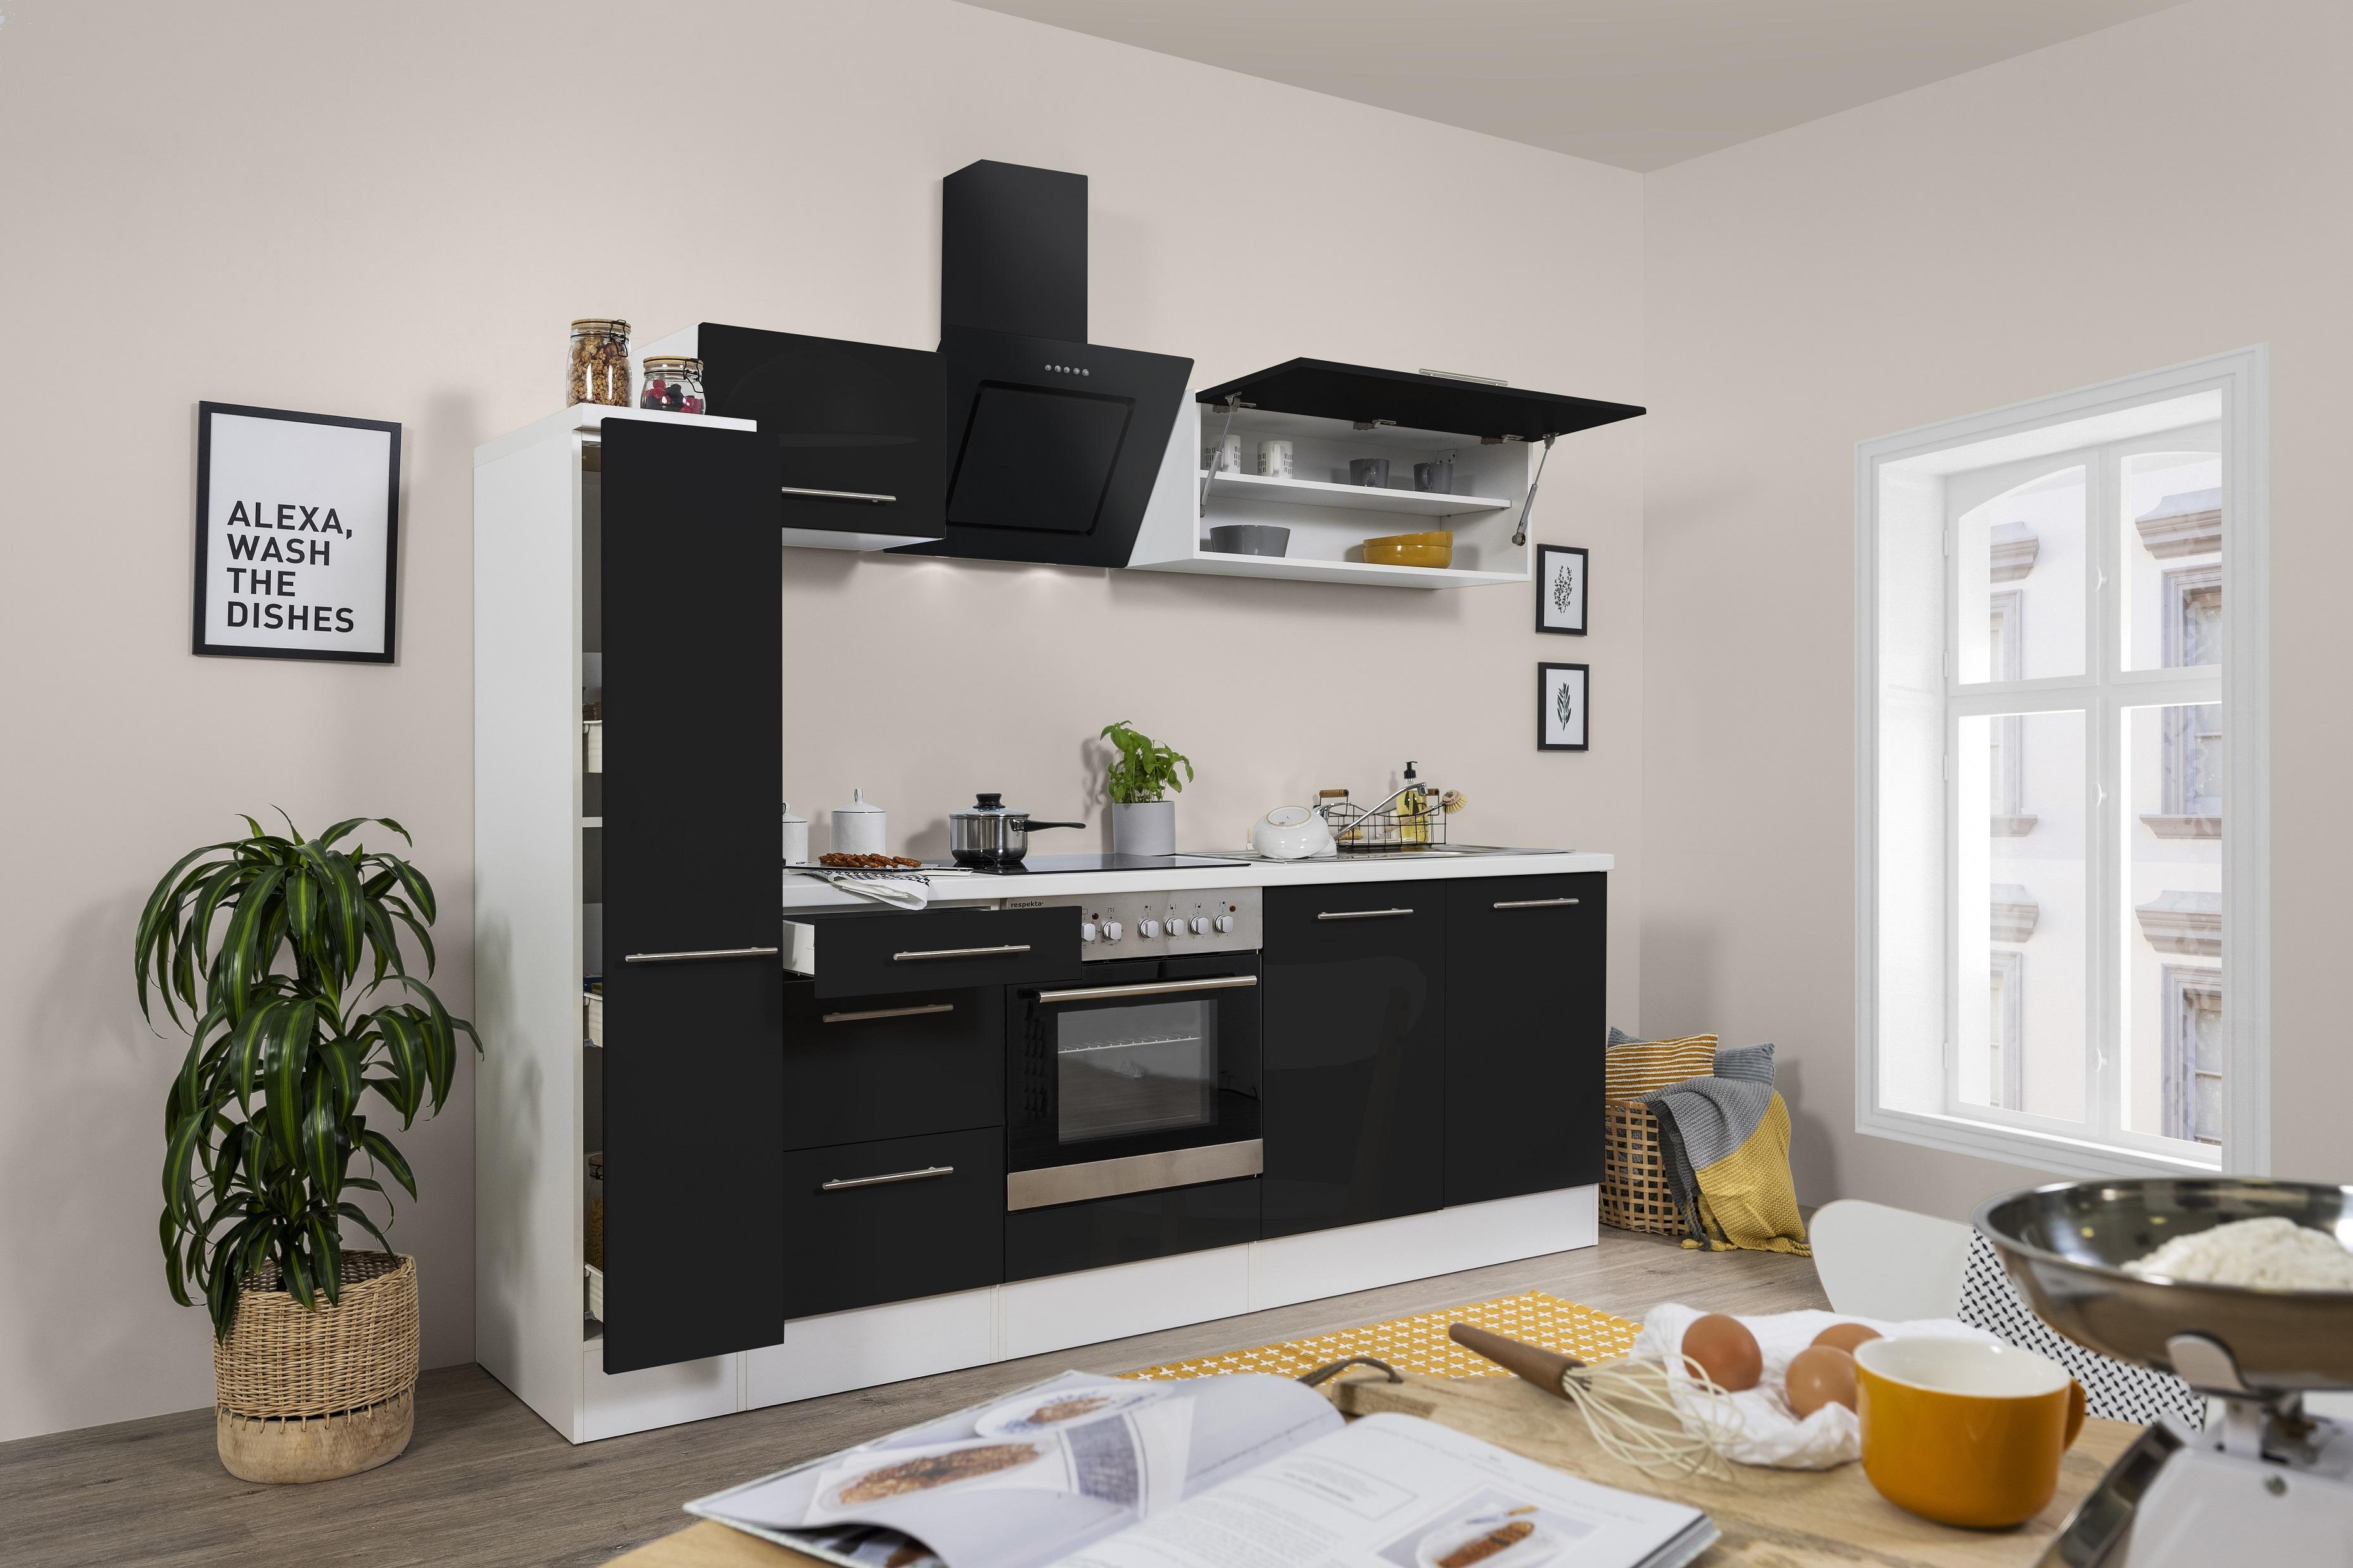 respekta Küchenzeile Küche Küchenblock Einbauküche Hochglanz 240 cm weiß schwarz